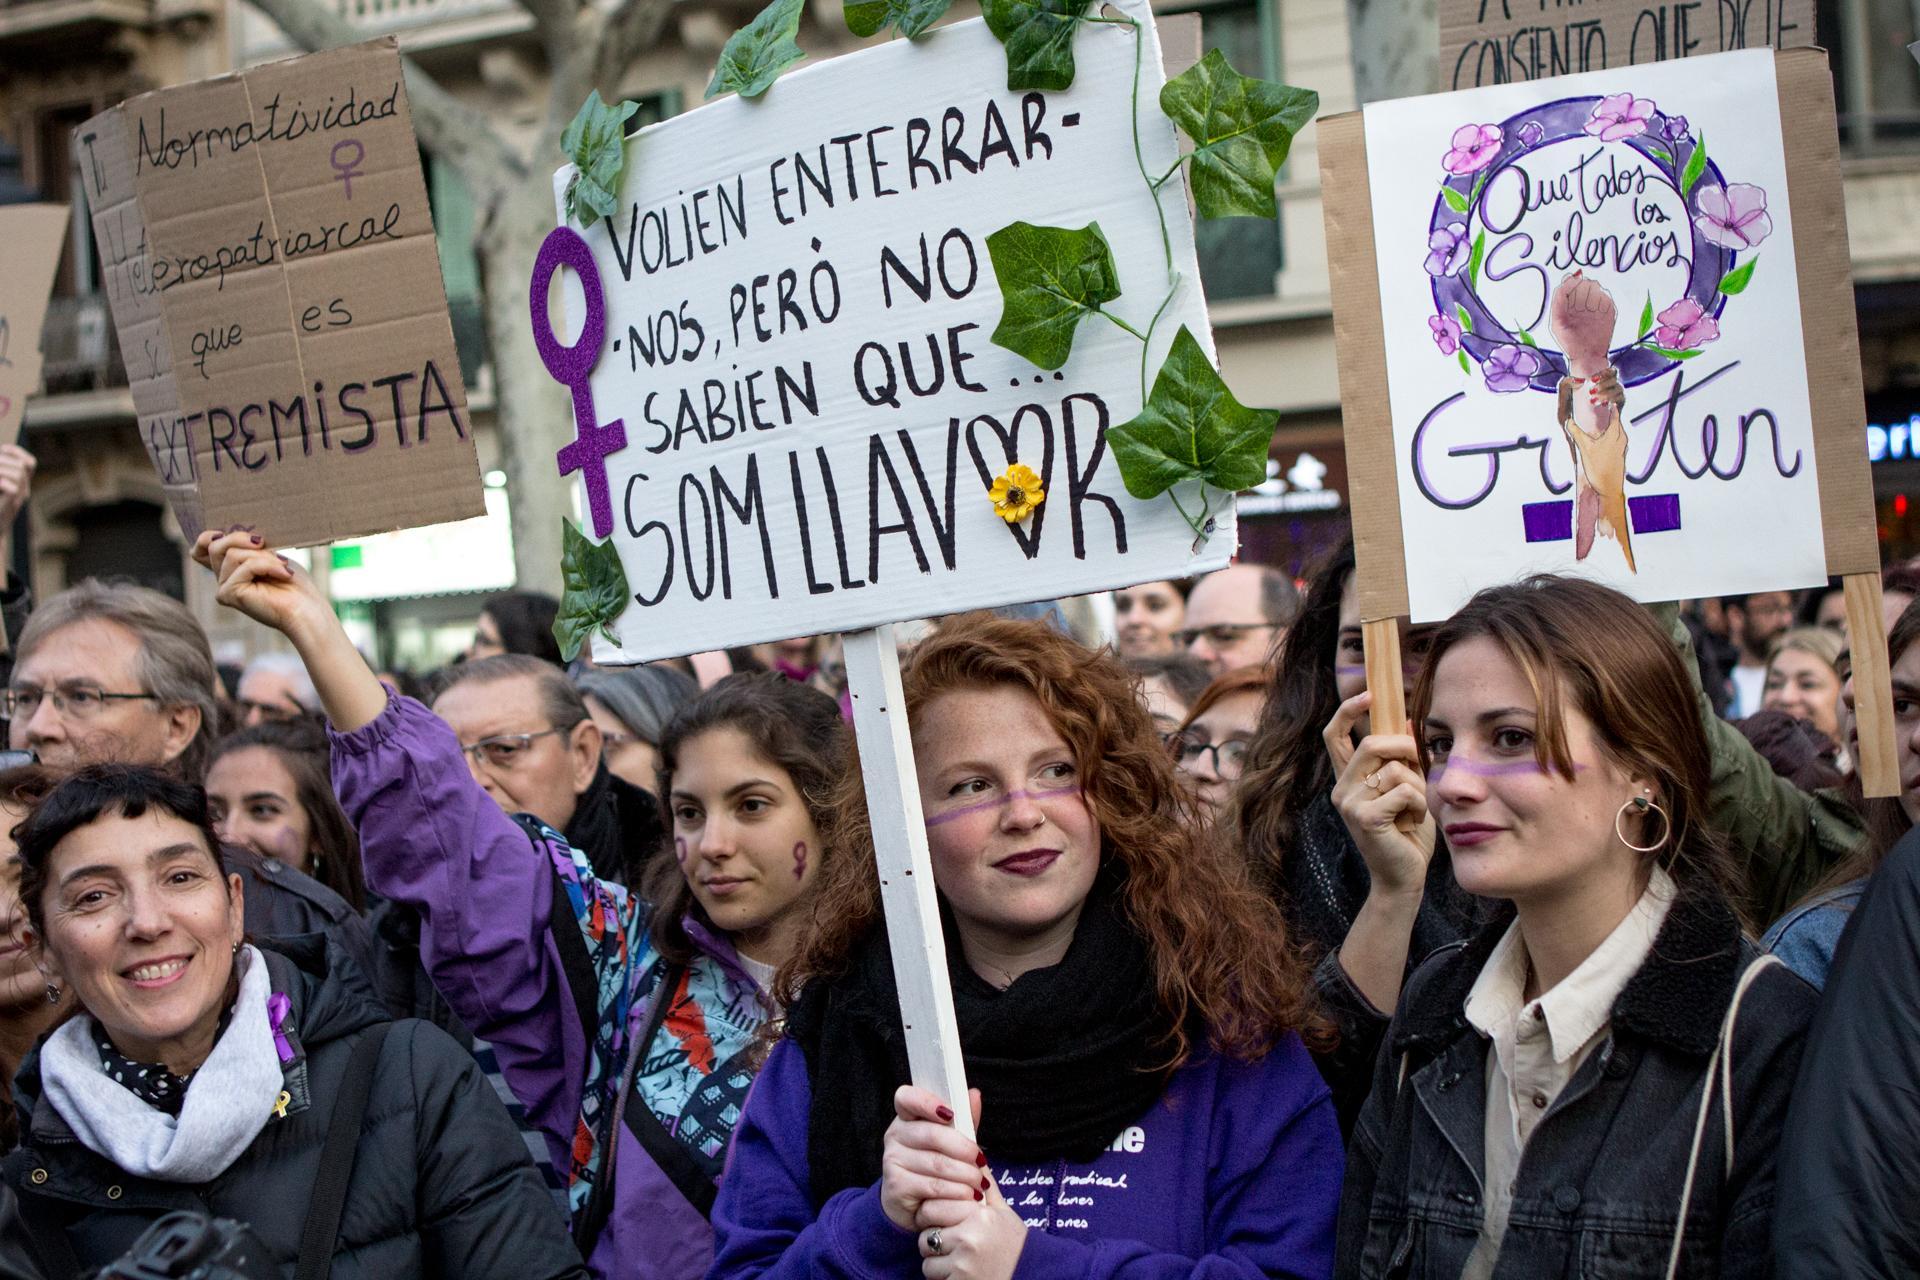 Noies amb pancartes inundaven els carrers de Barcelona durant la manifestació feminista del 8-M del 2019 / Sira Esclasans